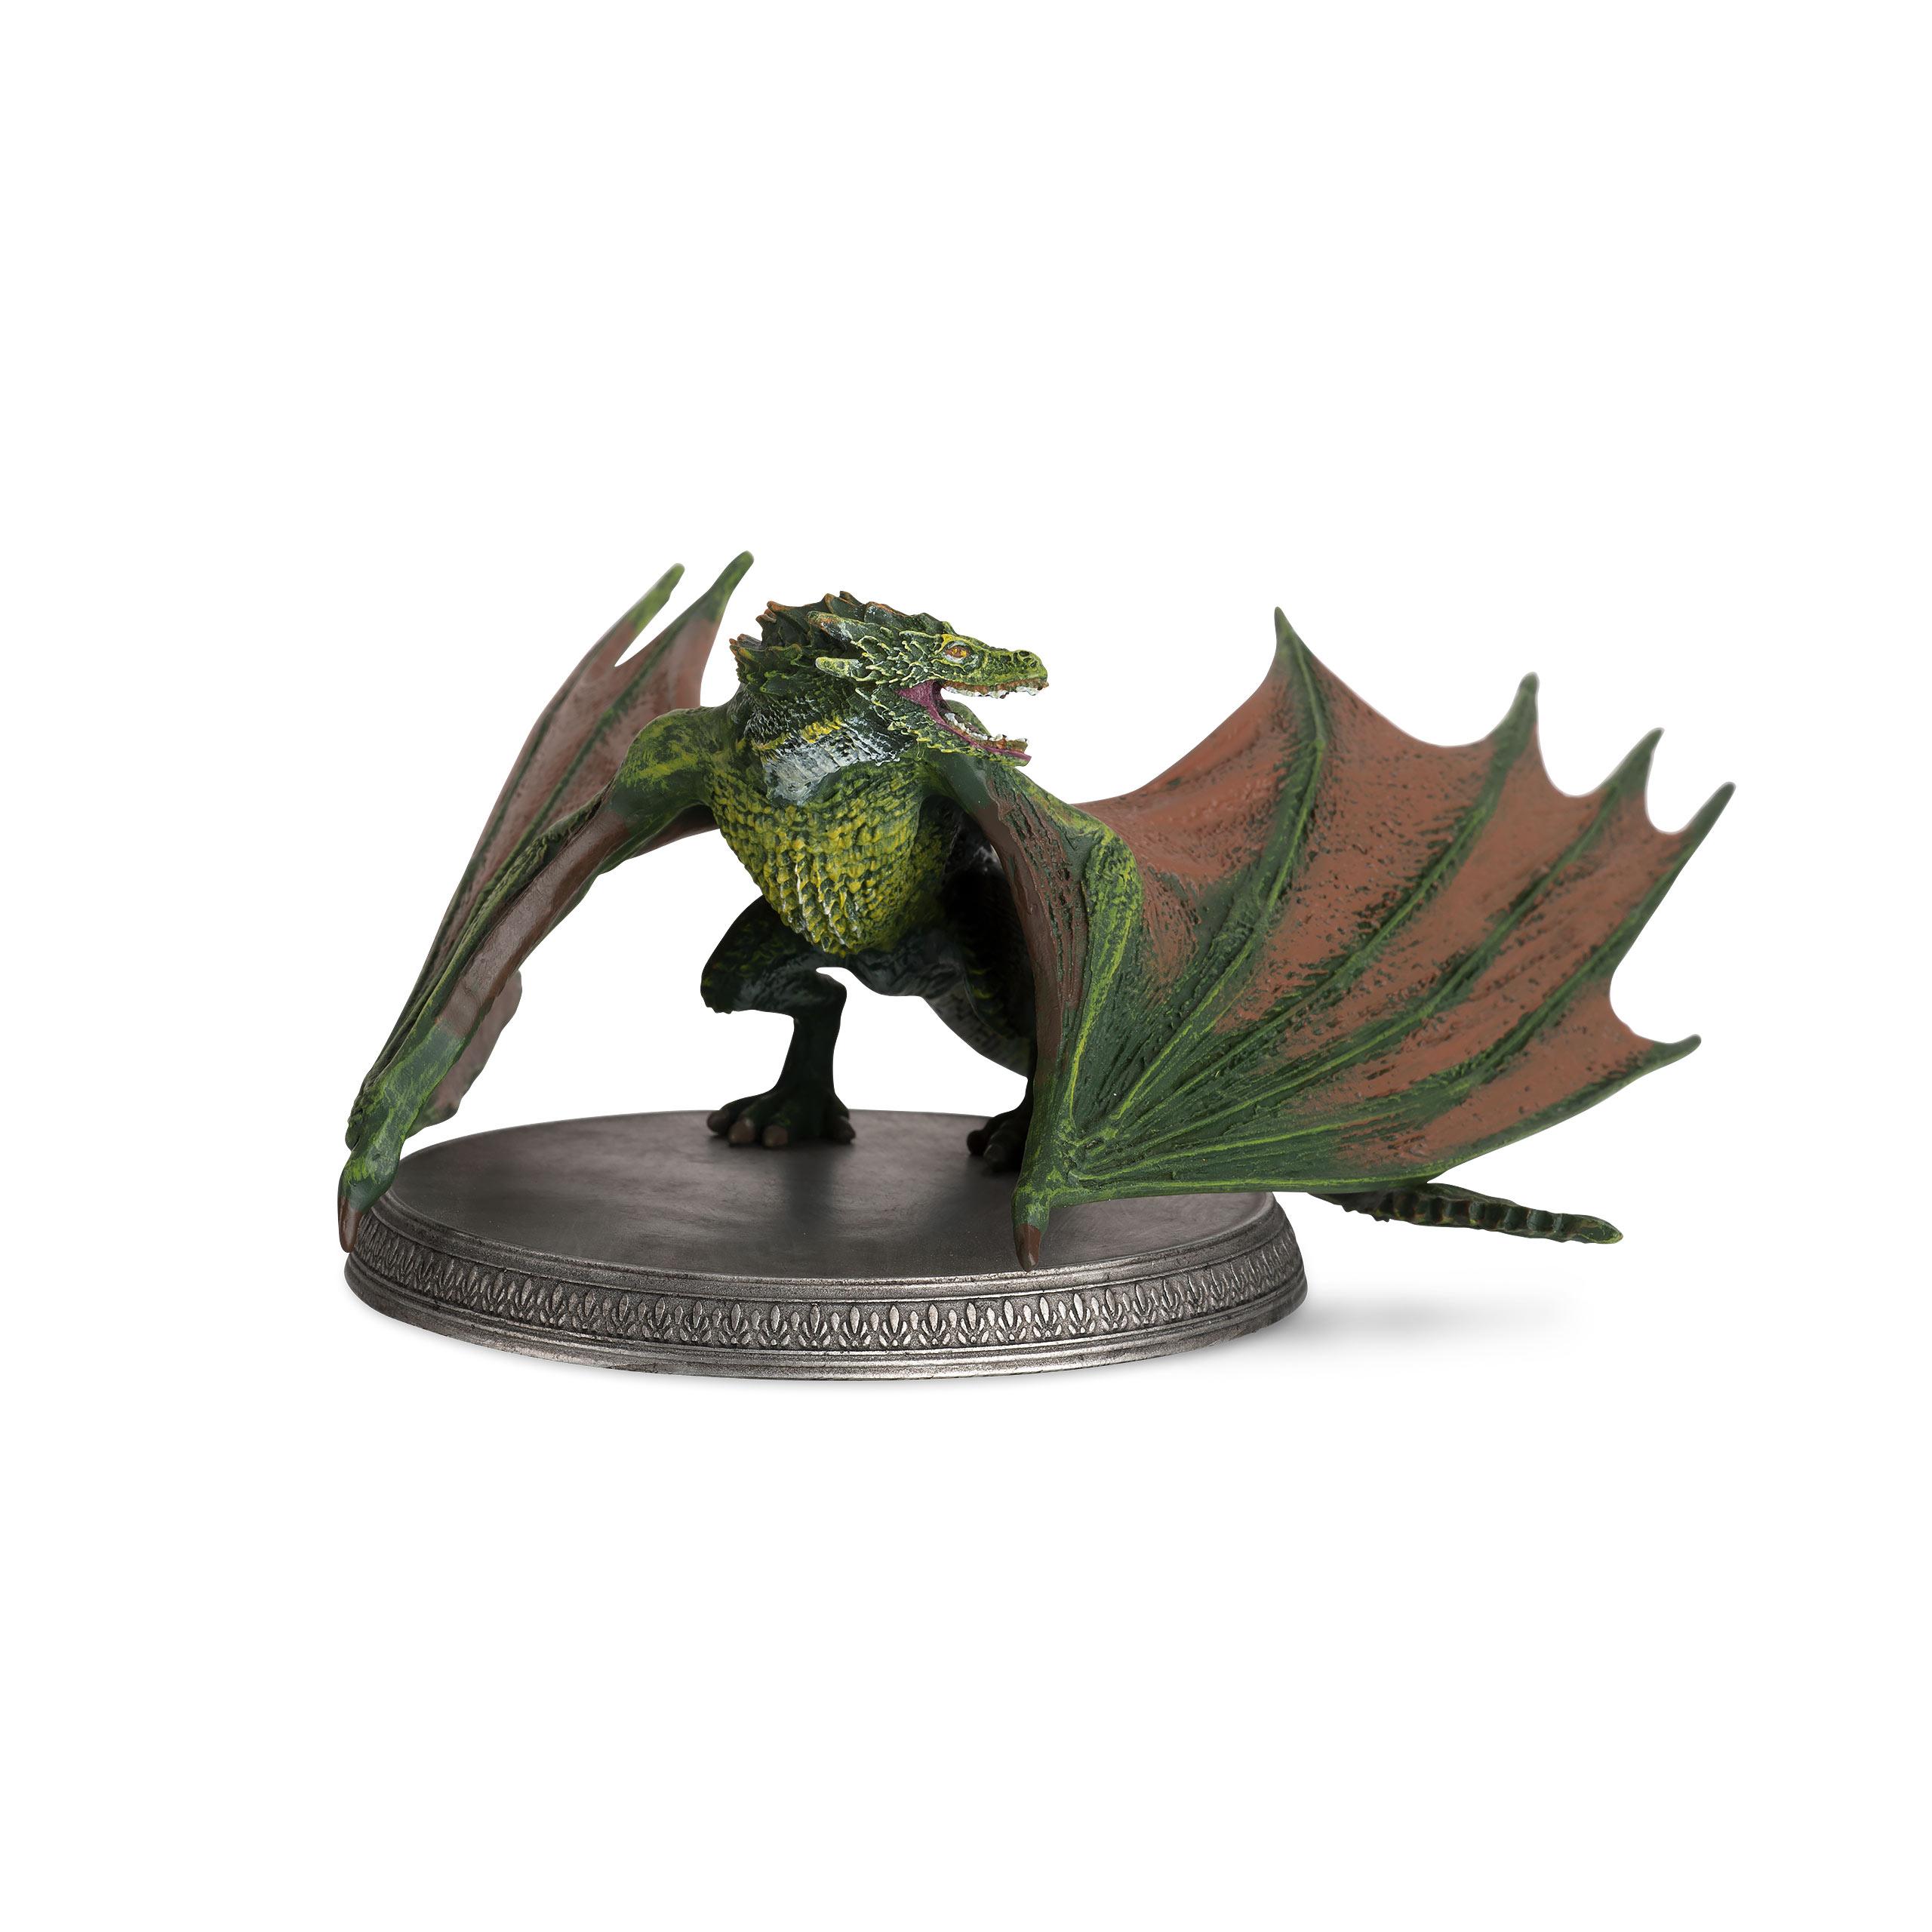 Game of Thrones - Rhaegal Figur